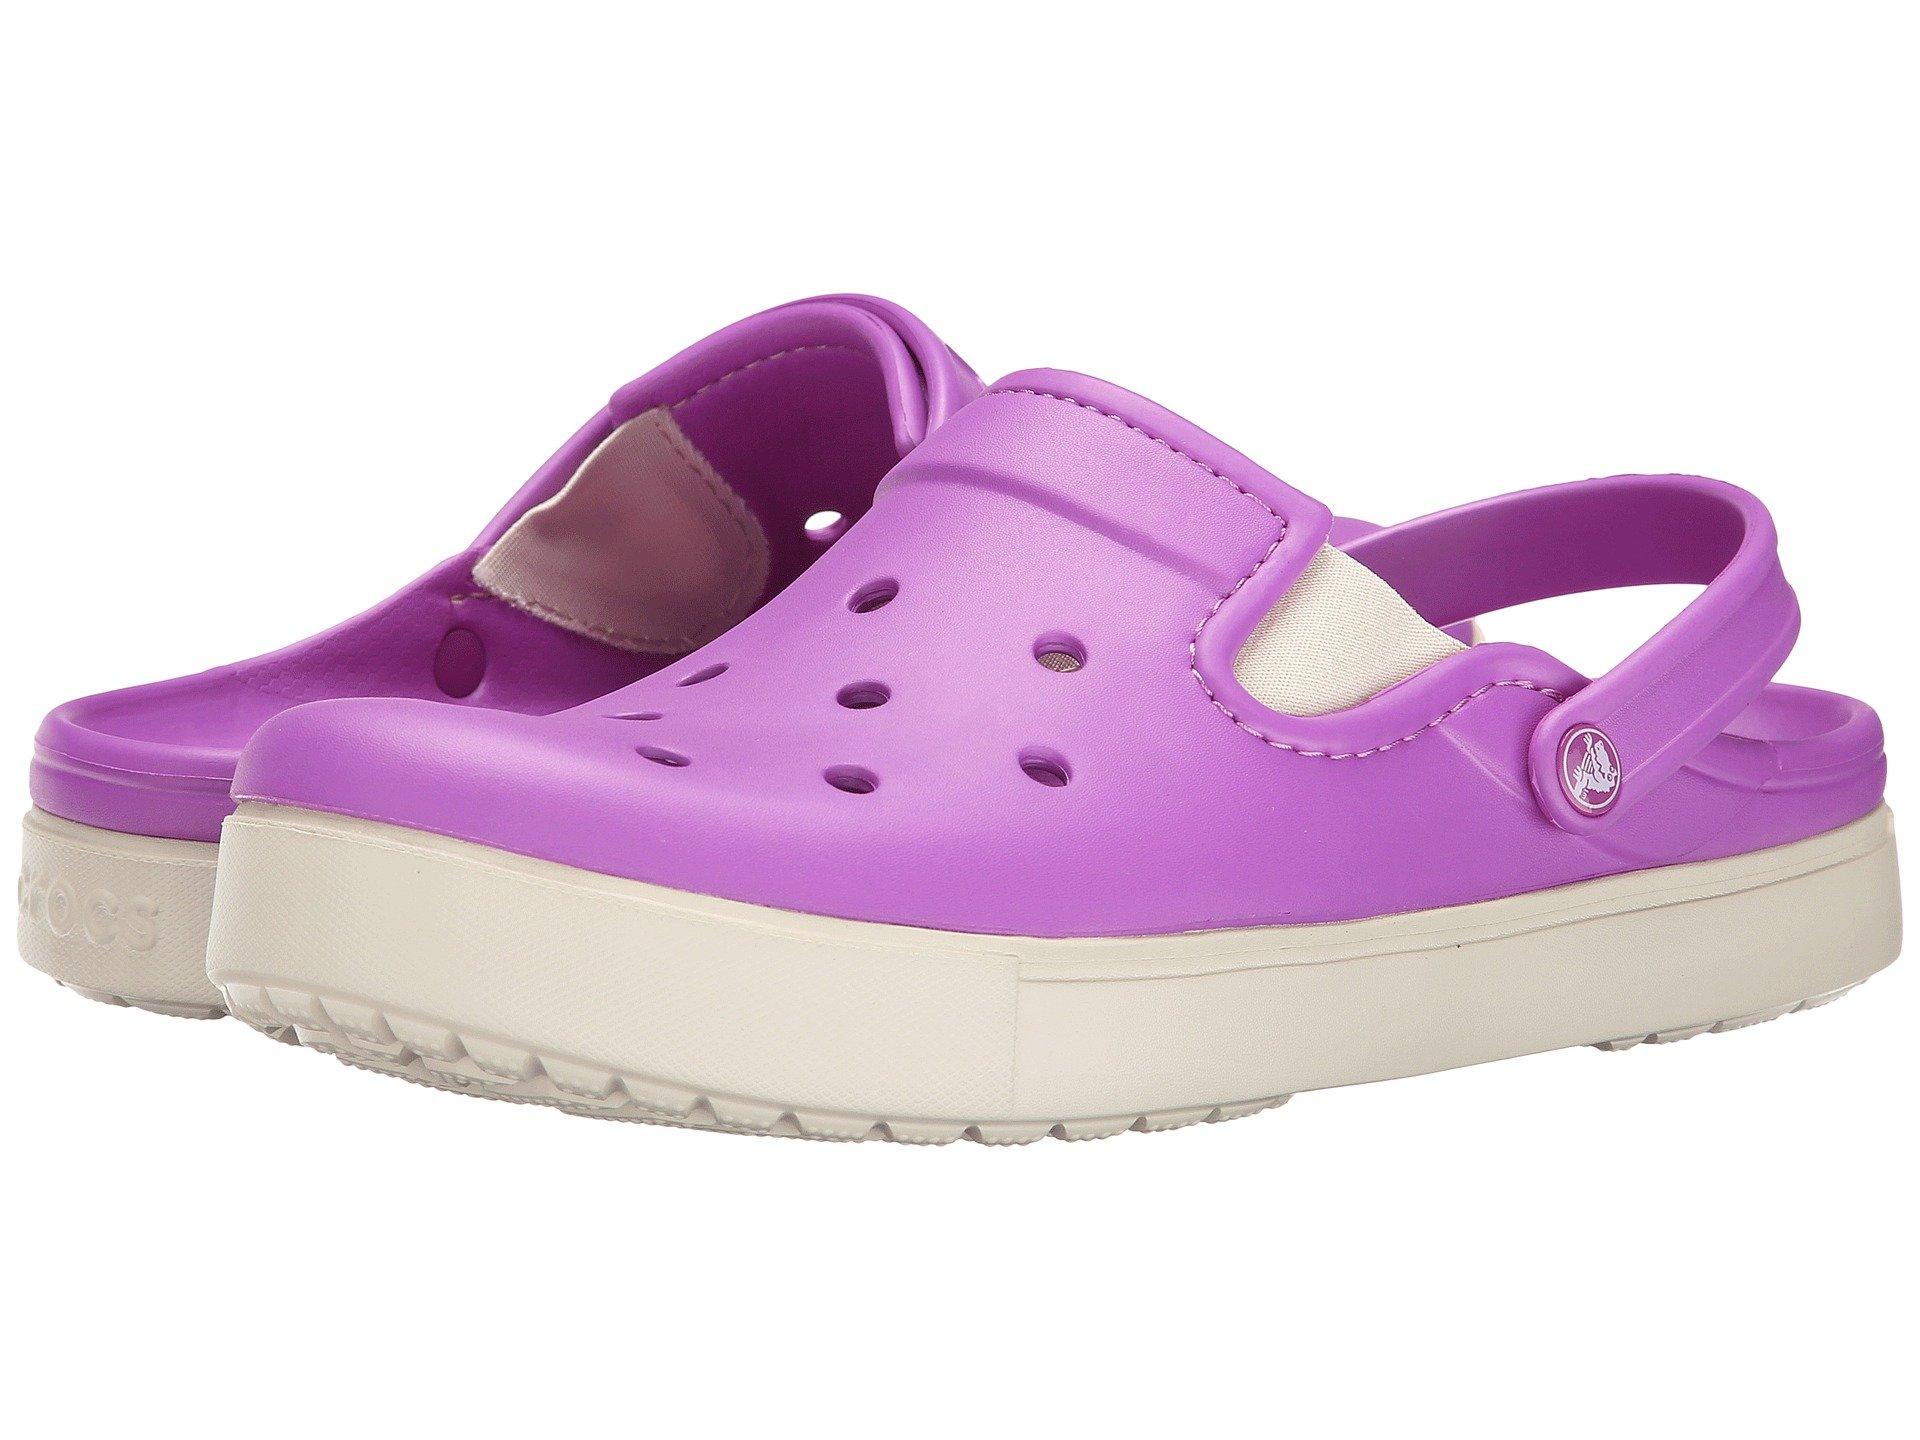 Zuecos para Mujer Crocs CitiLane Clog  + Crocs en VeoyCompro.net